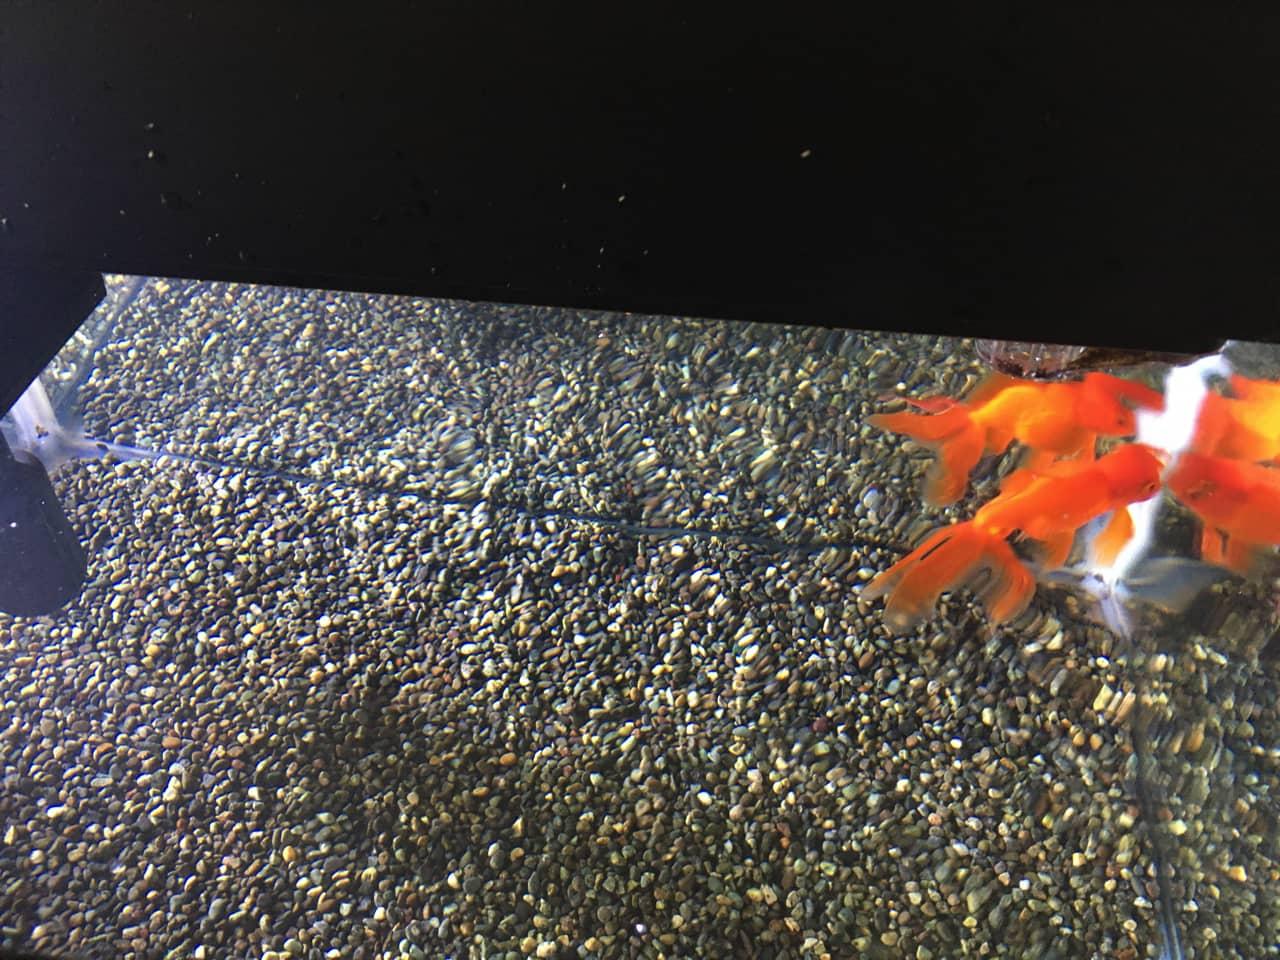 goldfish_aquarium_cleaning_14